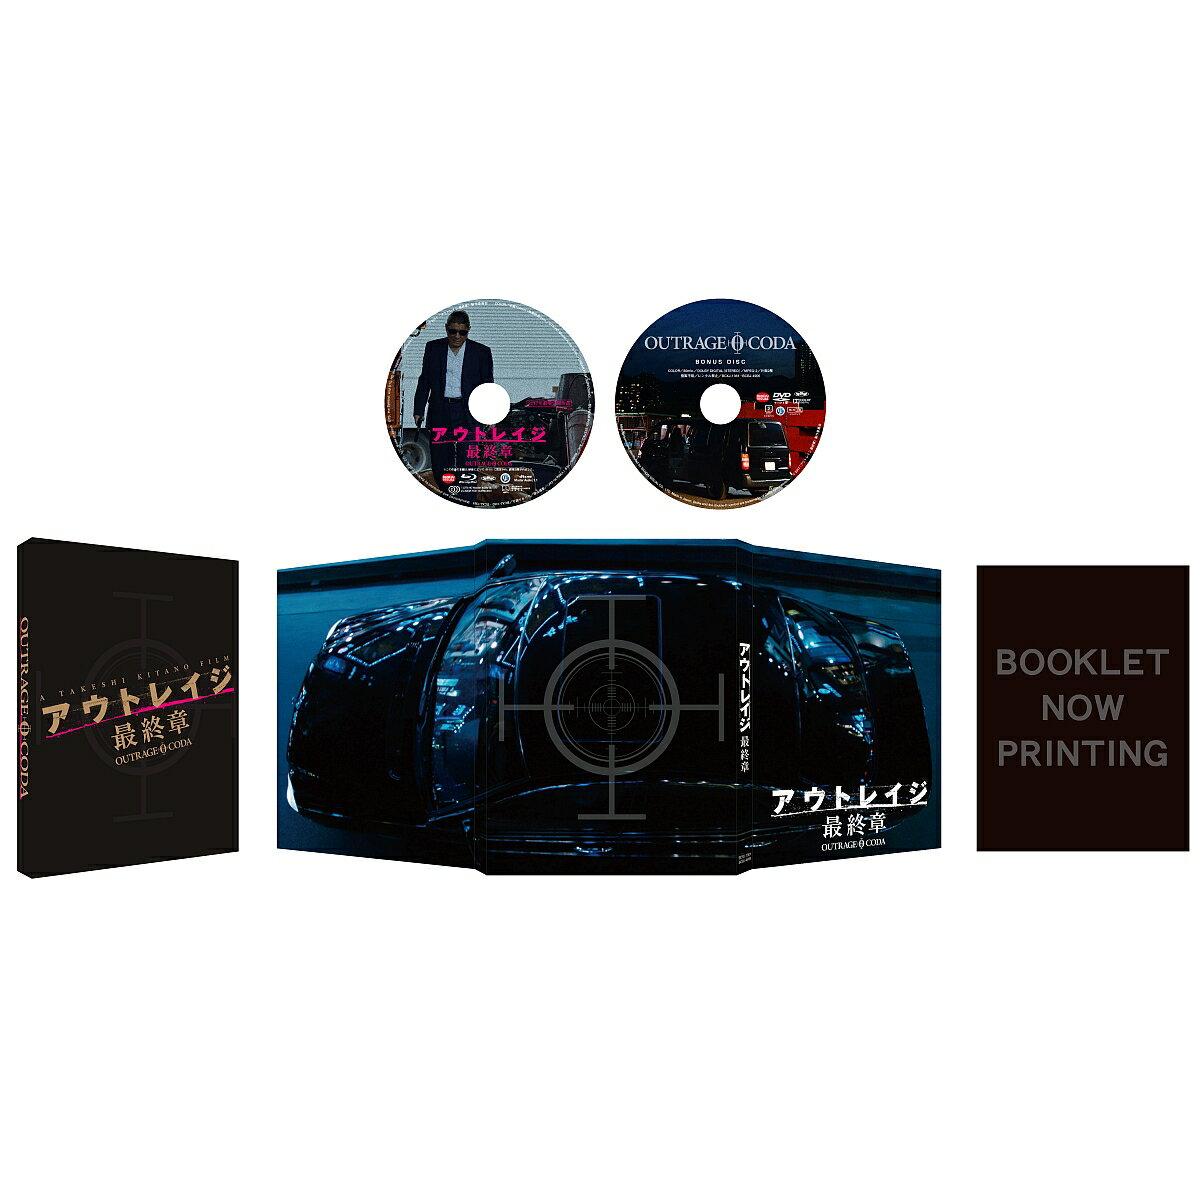 アウトレイジ 最終章 スペシャルエディション(特装限定版)【Blu-ray】 [ ビートたけし ]